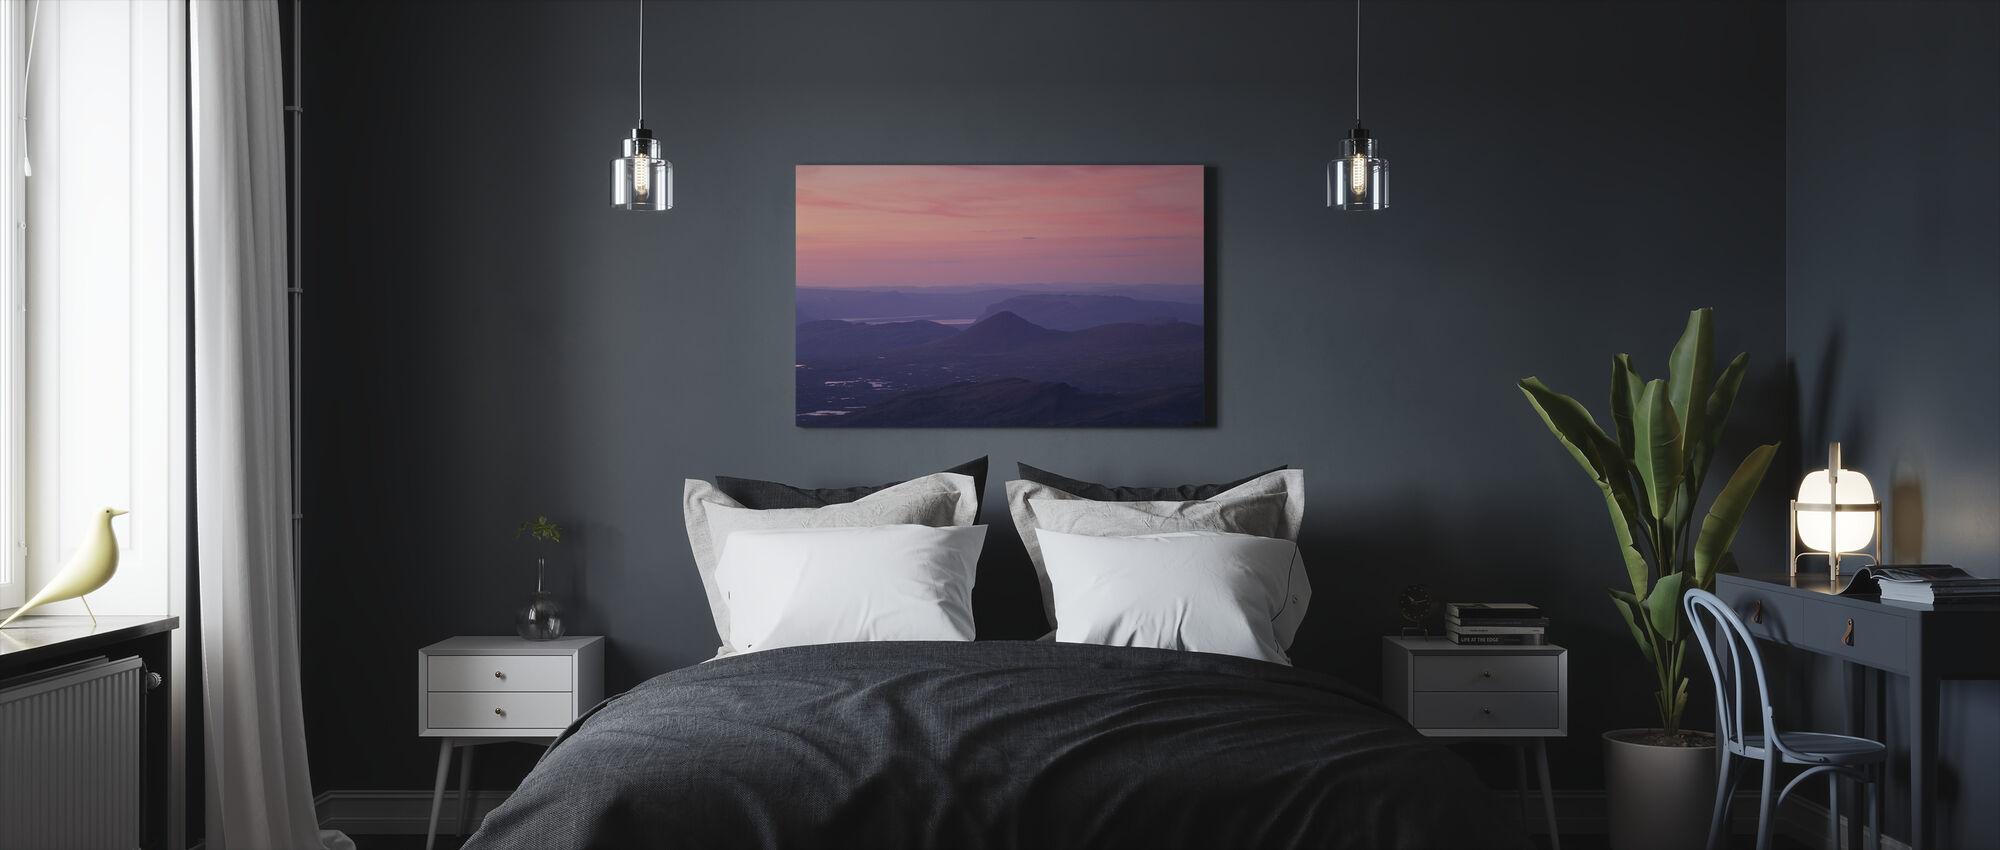 Moon over Sarek National Park, Sweden - Canvas print - Bedroom